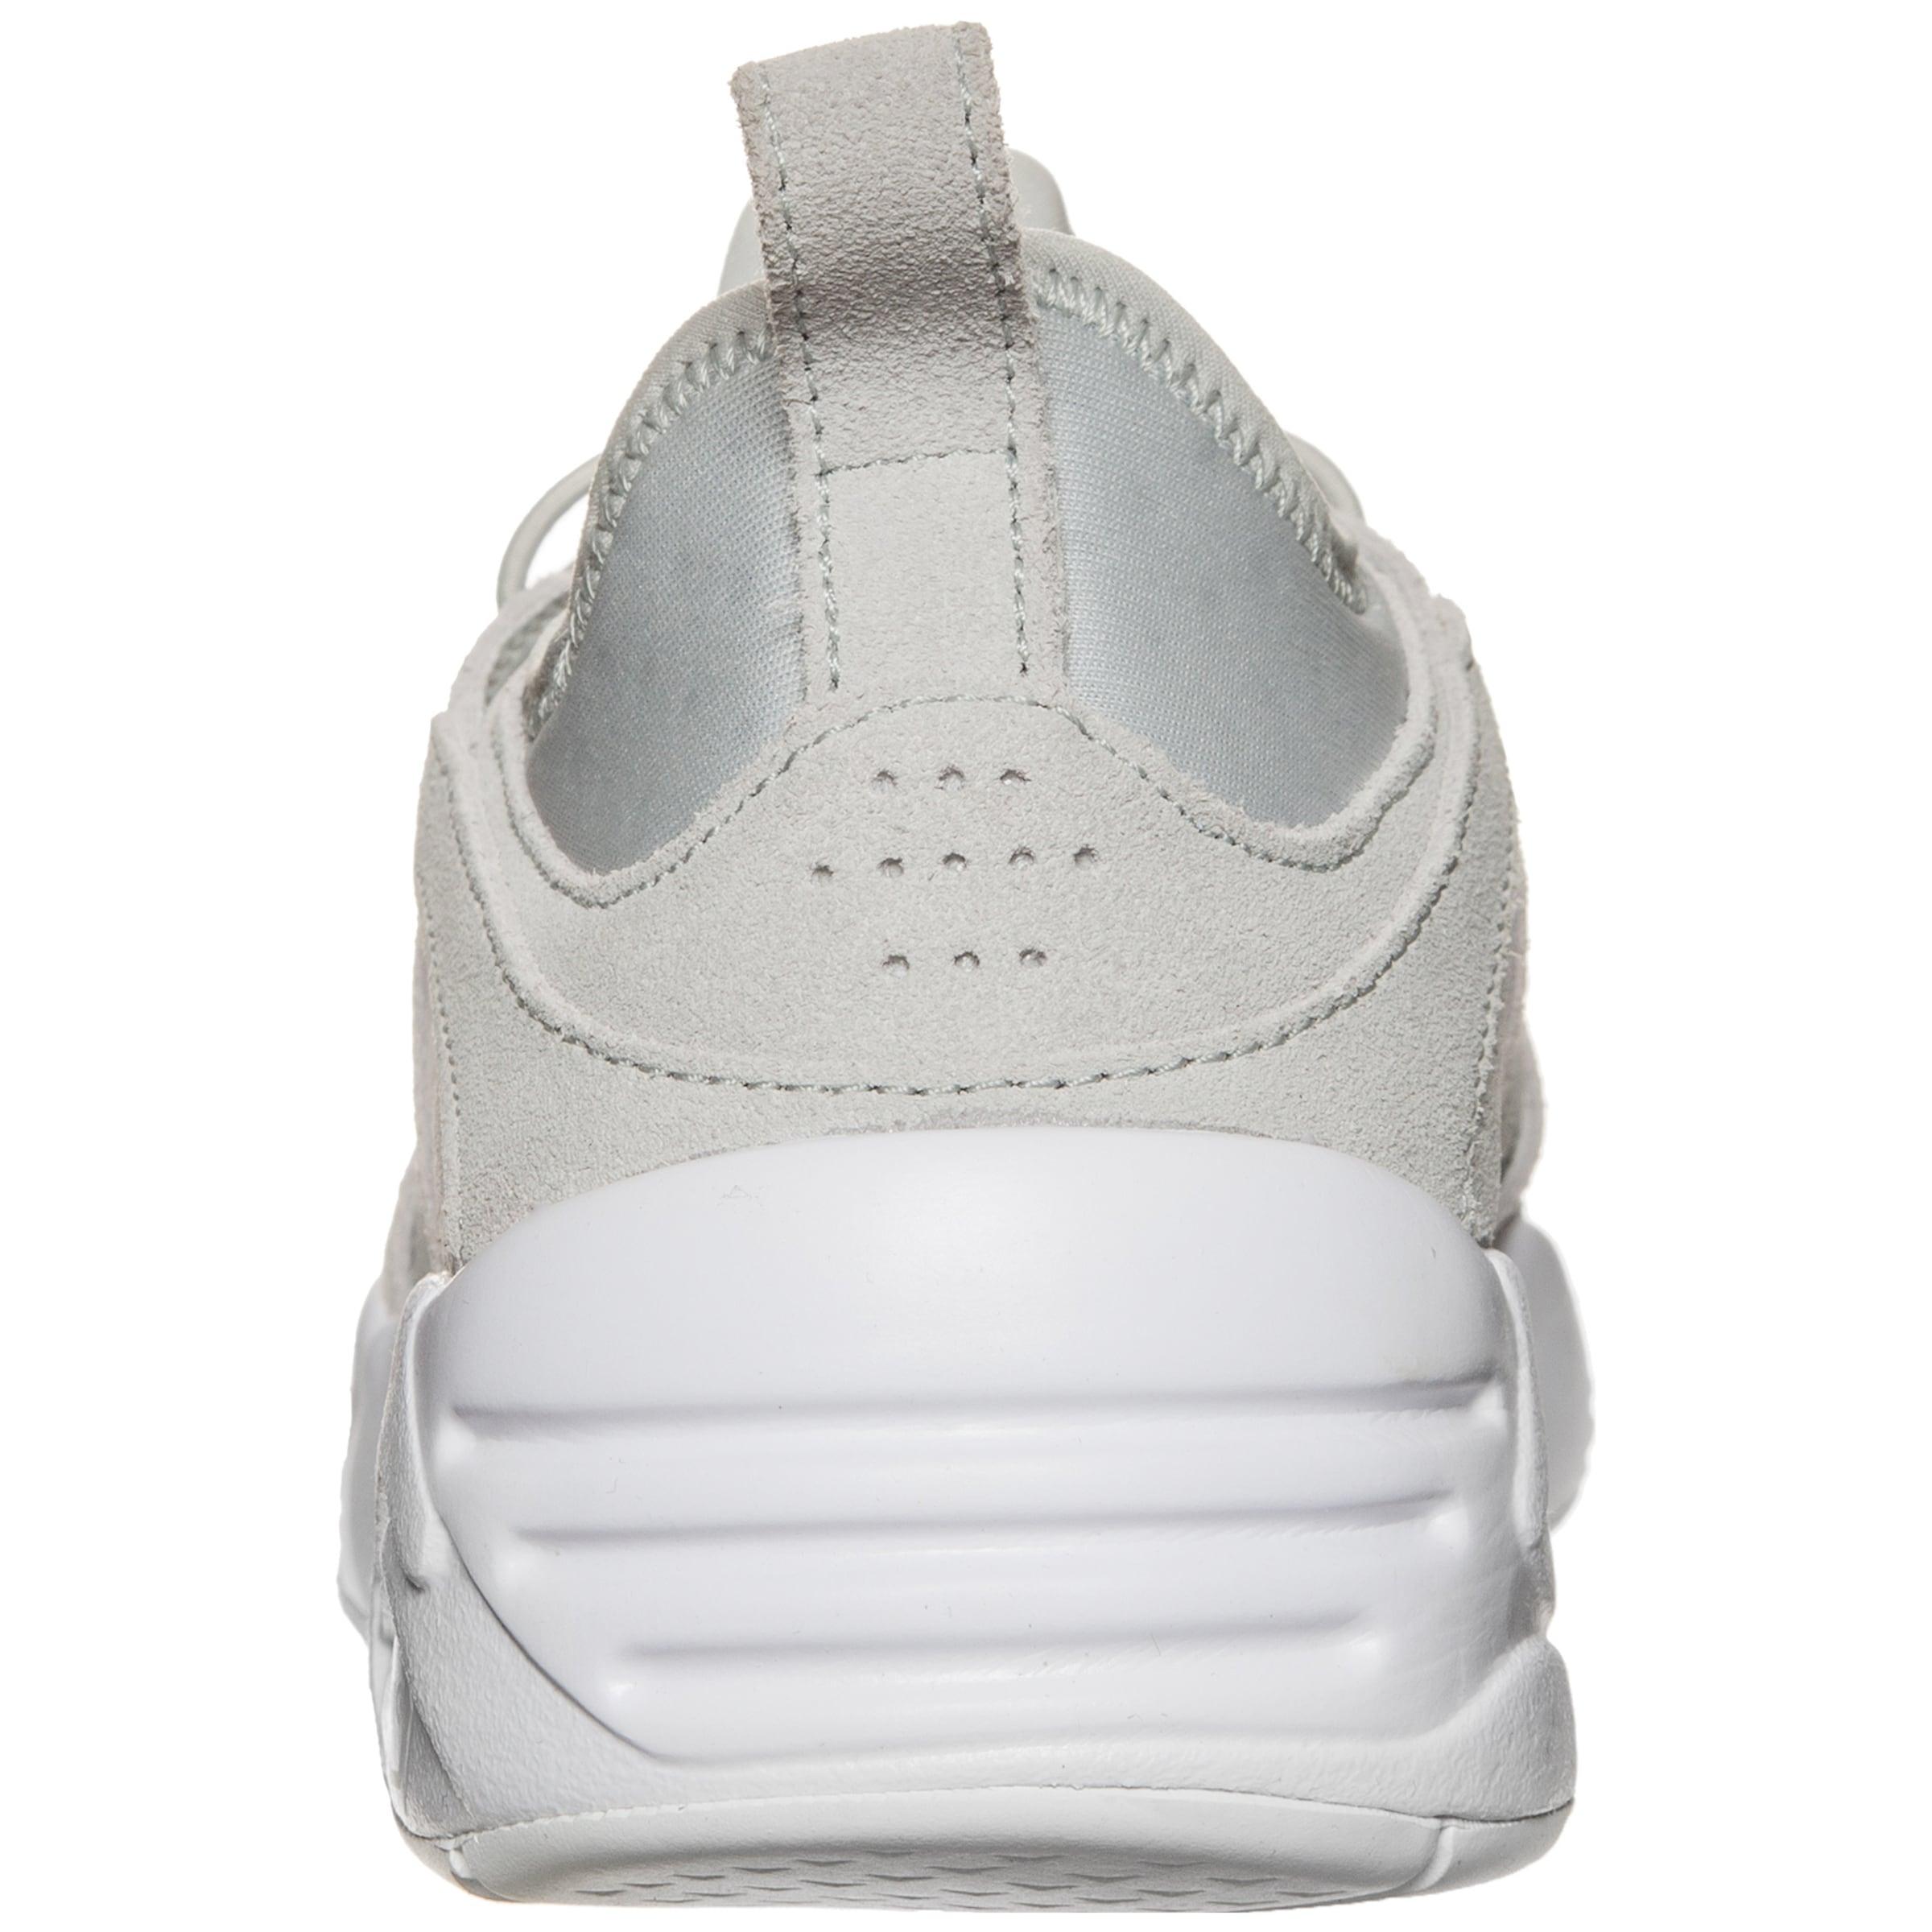 Auslasszwischenraum Store PUMA 'Blaze of Glory Soft' Sneaker Guter Service Günstig Kaufen Ebay Billig Verkauf Sammlungen Günstige Kaufladen DSccC